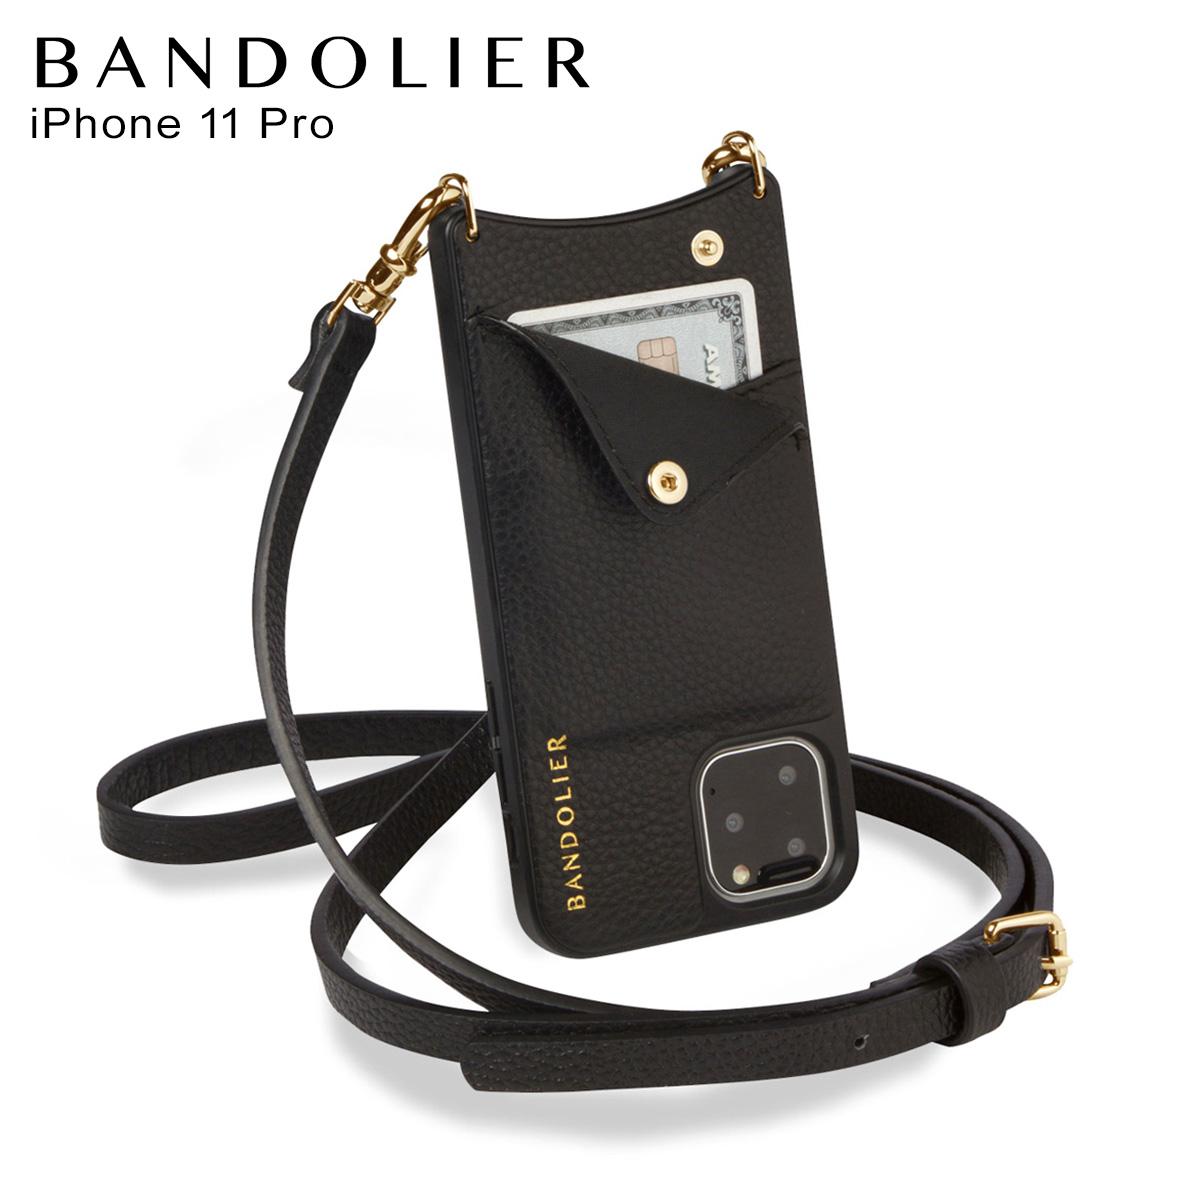 バンドリヤー BANDOLIER エマ ゴールド iPhone11 Pro ケース スマホ 携帯 ショルダー アイフォン メンズ レディース EMMA GOLD ブラック 黒 2900